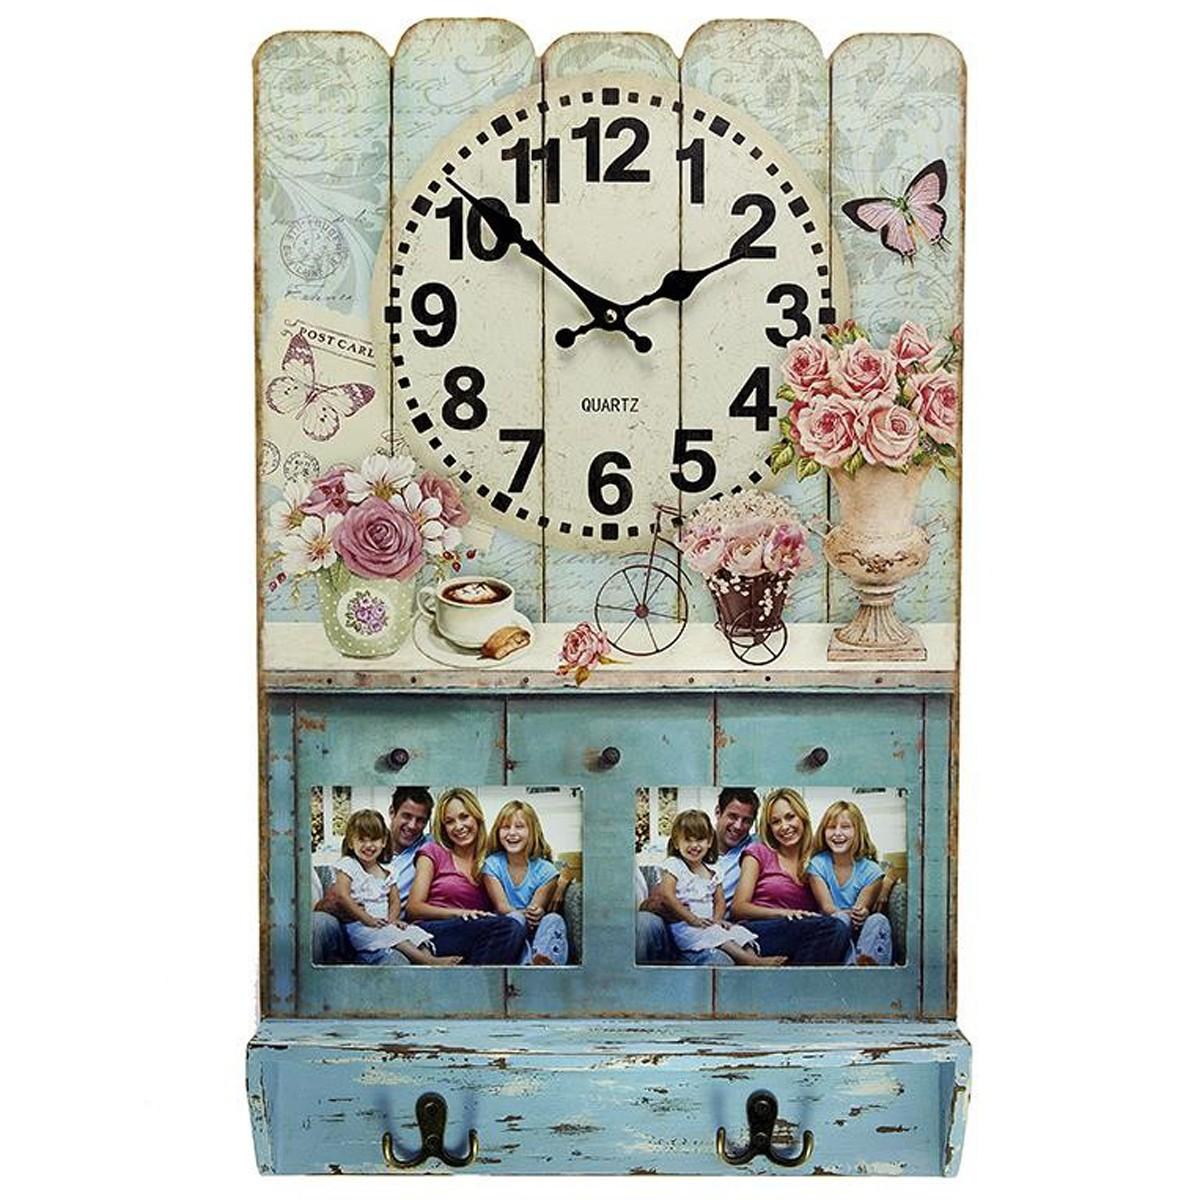 Κρεμάστρα – Ρολόι Τοίχου InArt 3-20-098-0210 66025